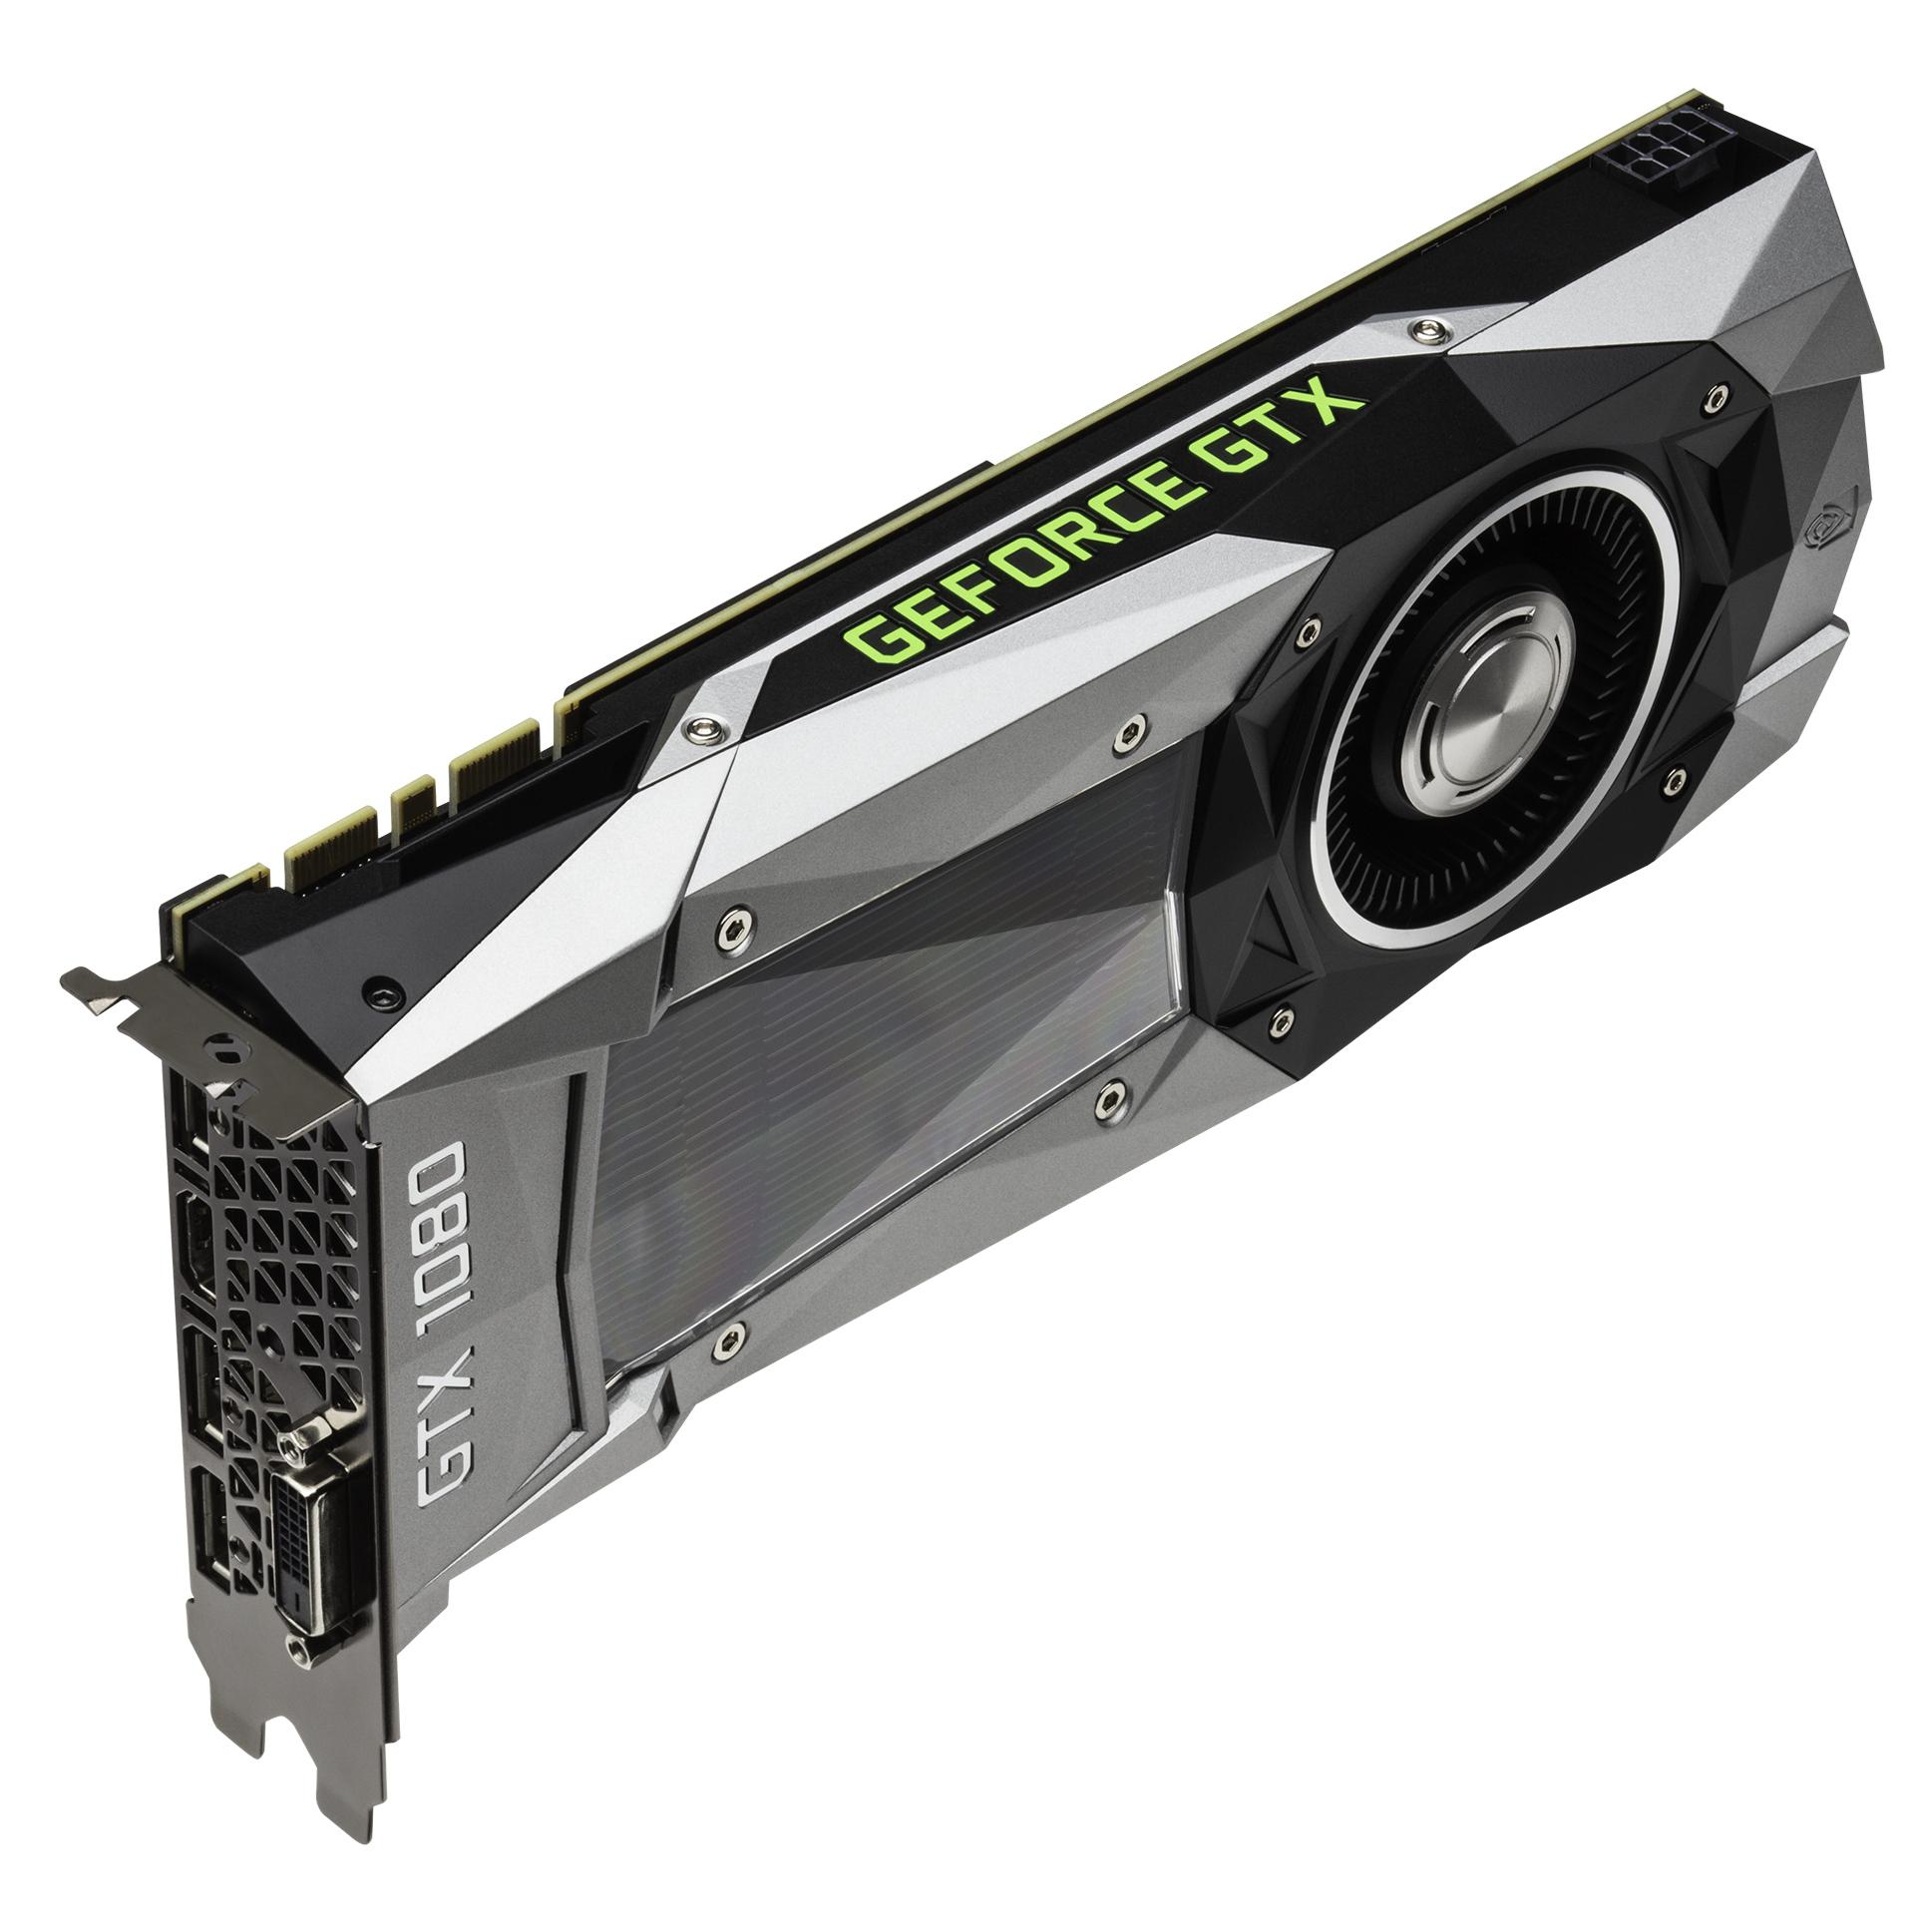 GeForce GTX 1070 a 1080 oficiálně - 2 GHz na vzduchu!